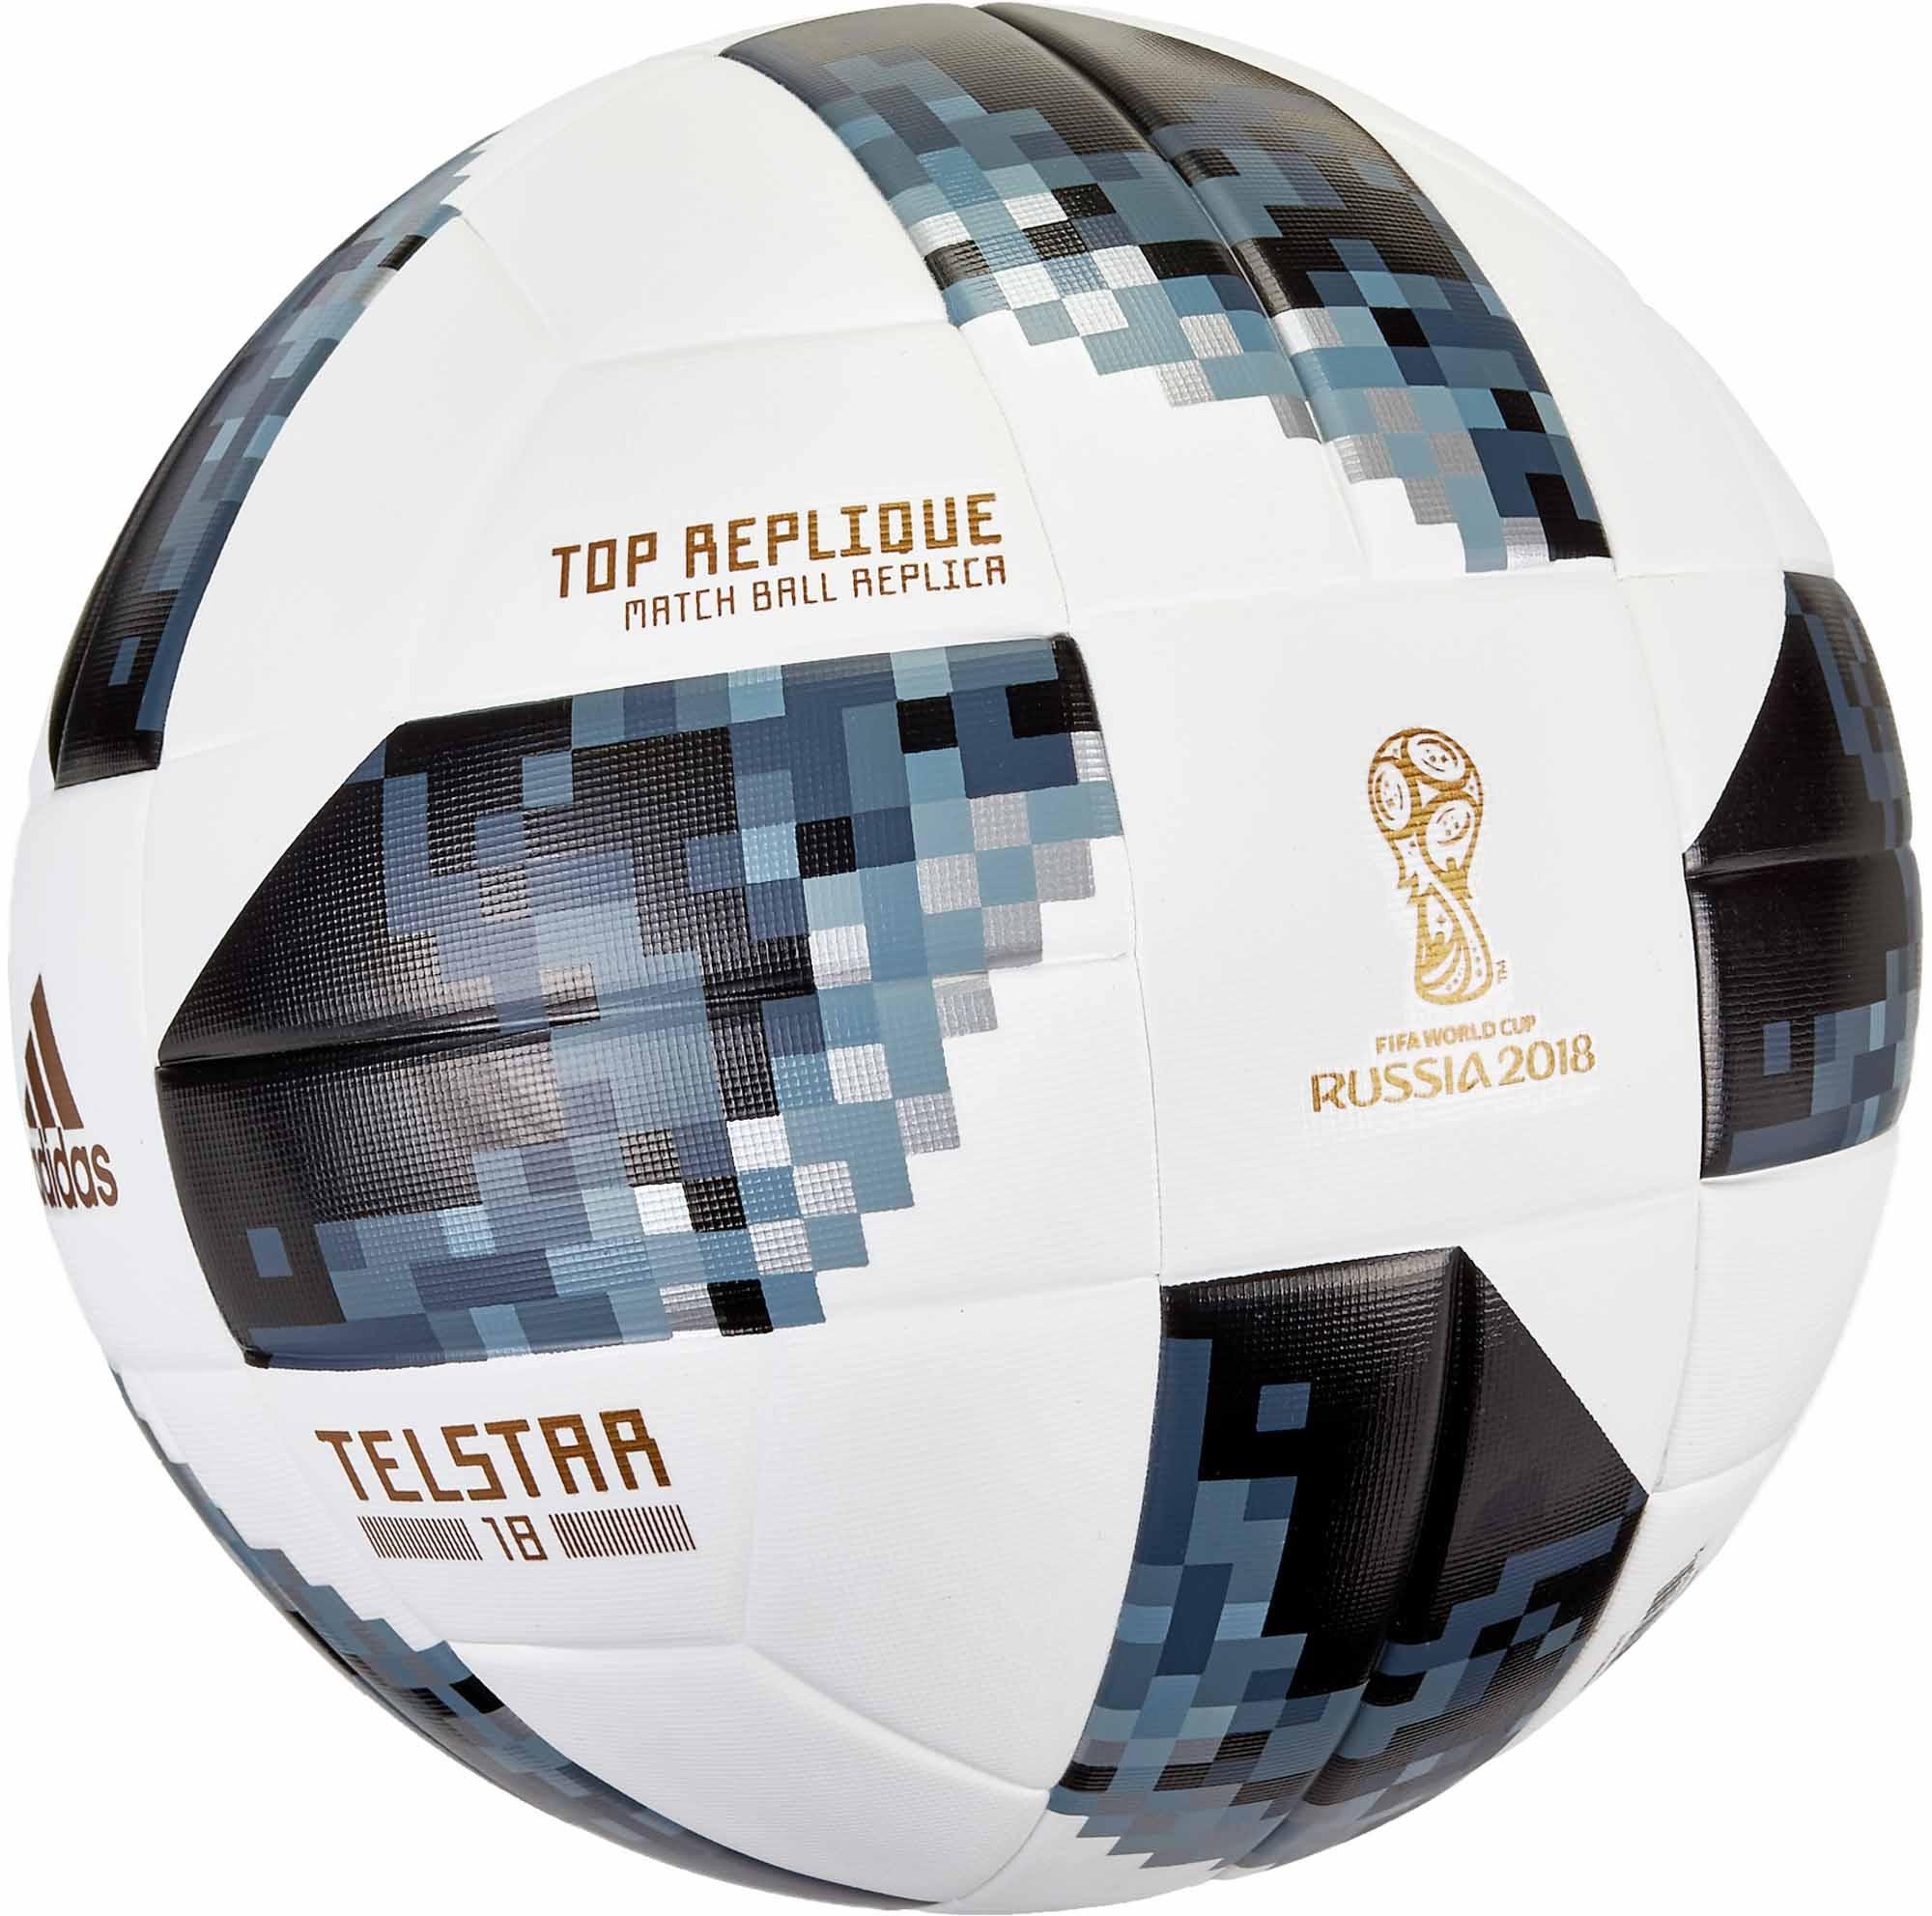 d01110954 adidas Telstar 18 World Cup Top Replique Soccer Ball – White/Metallic Silver